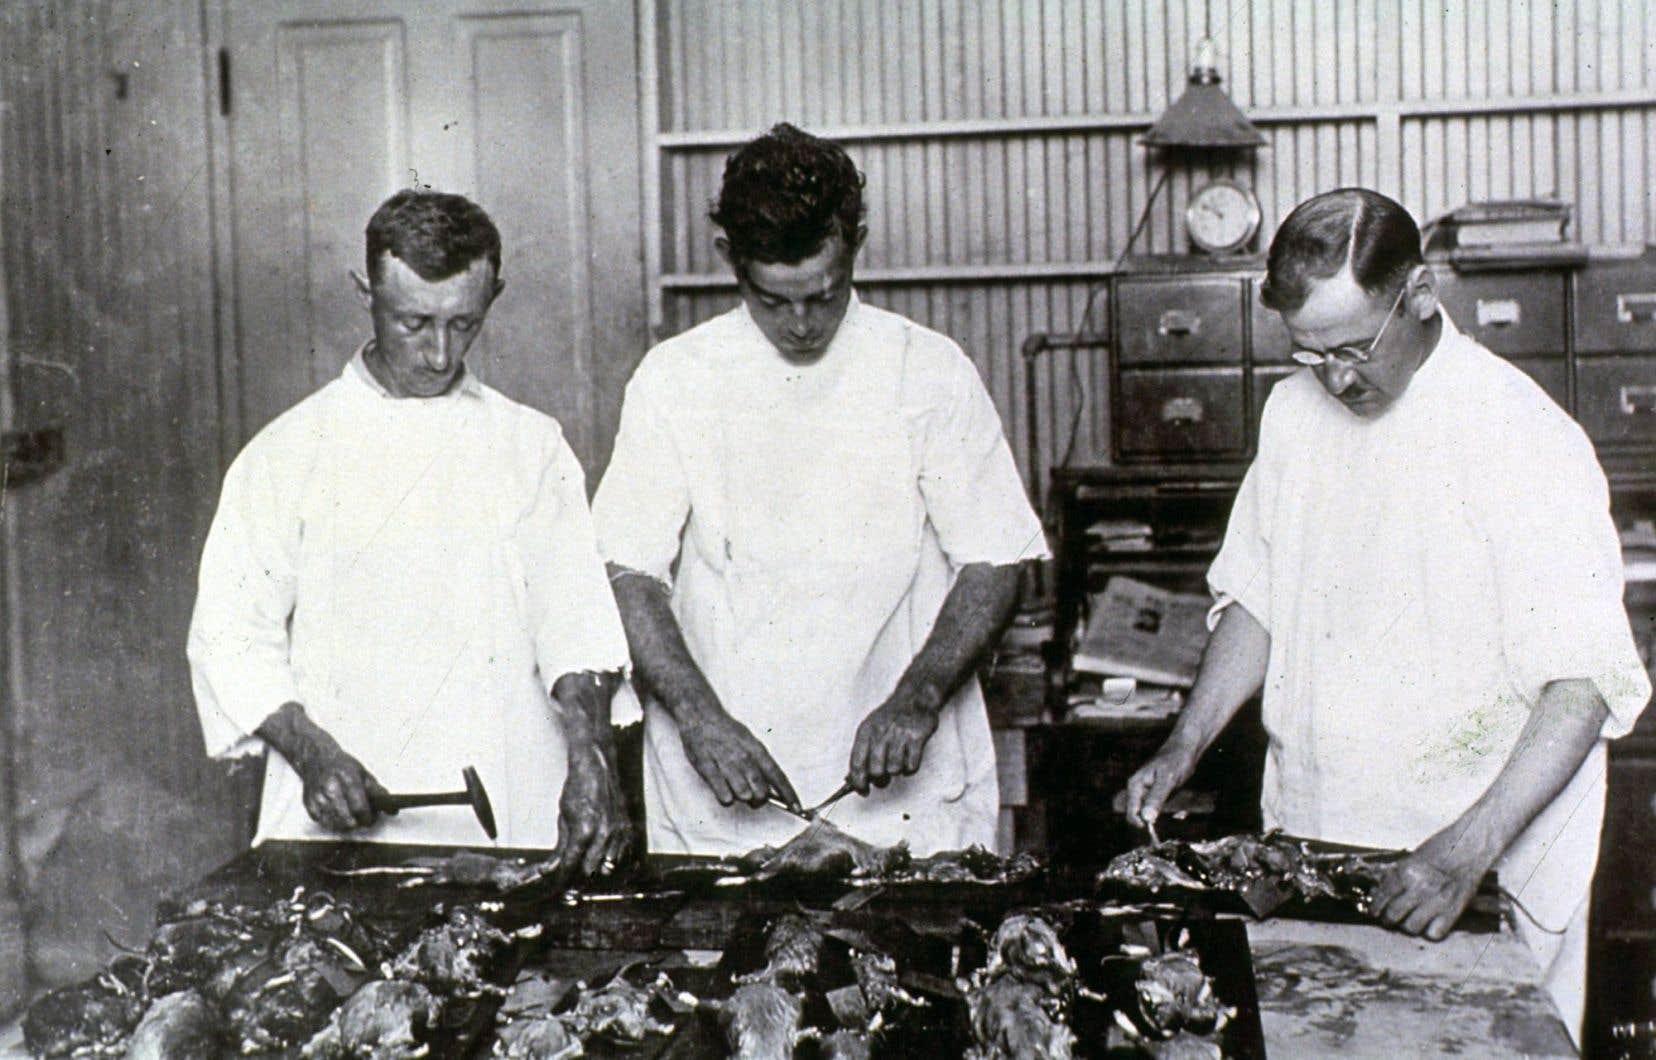 À La Nouvelle-Orléans, en 1914, trois scientifiques dissèquent des rats. La peste a proliféré aux États-Unis en raison de différents petits animaux. Si la maladie est encore présente au sud de la frontière, elle est rarissime au Canada, où le dernier cas recensé date de 1939.